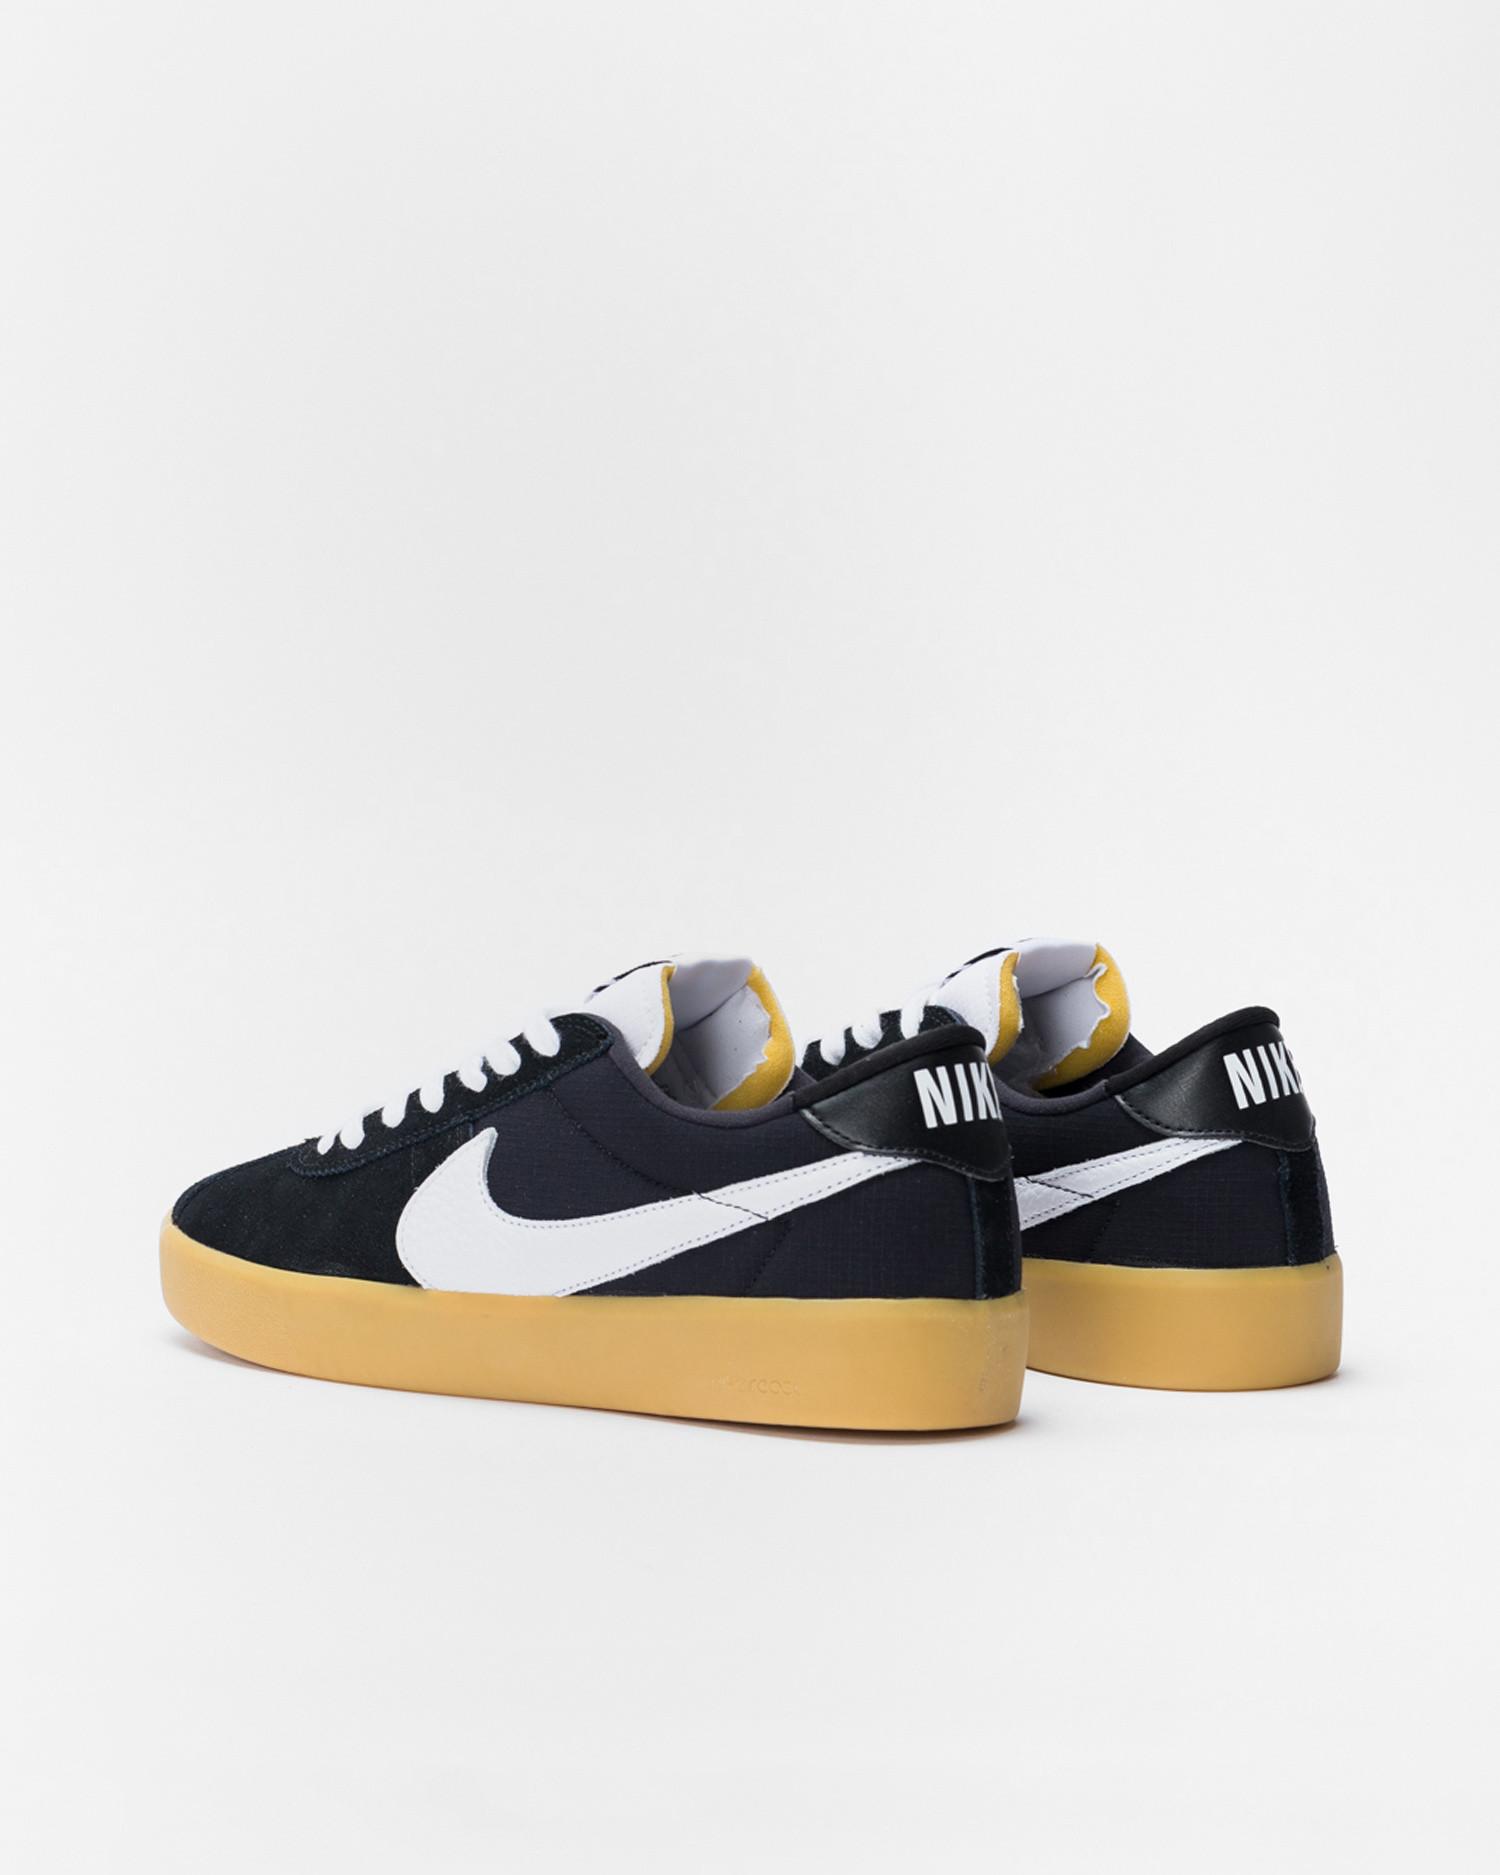 Nike Sb Bruin React Black/white-black-gum light brown